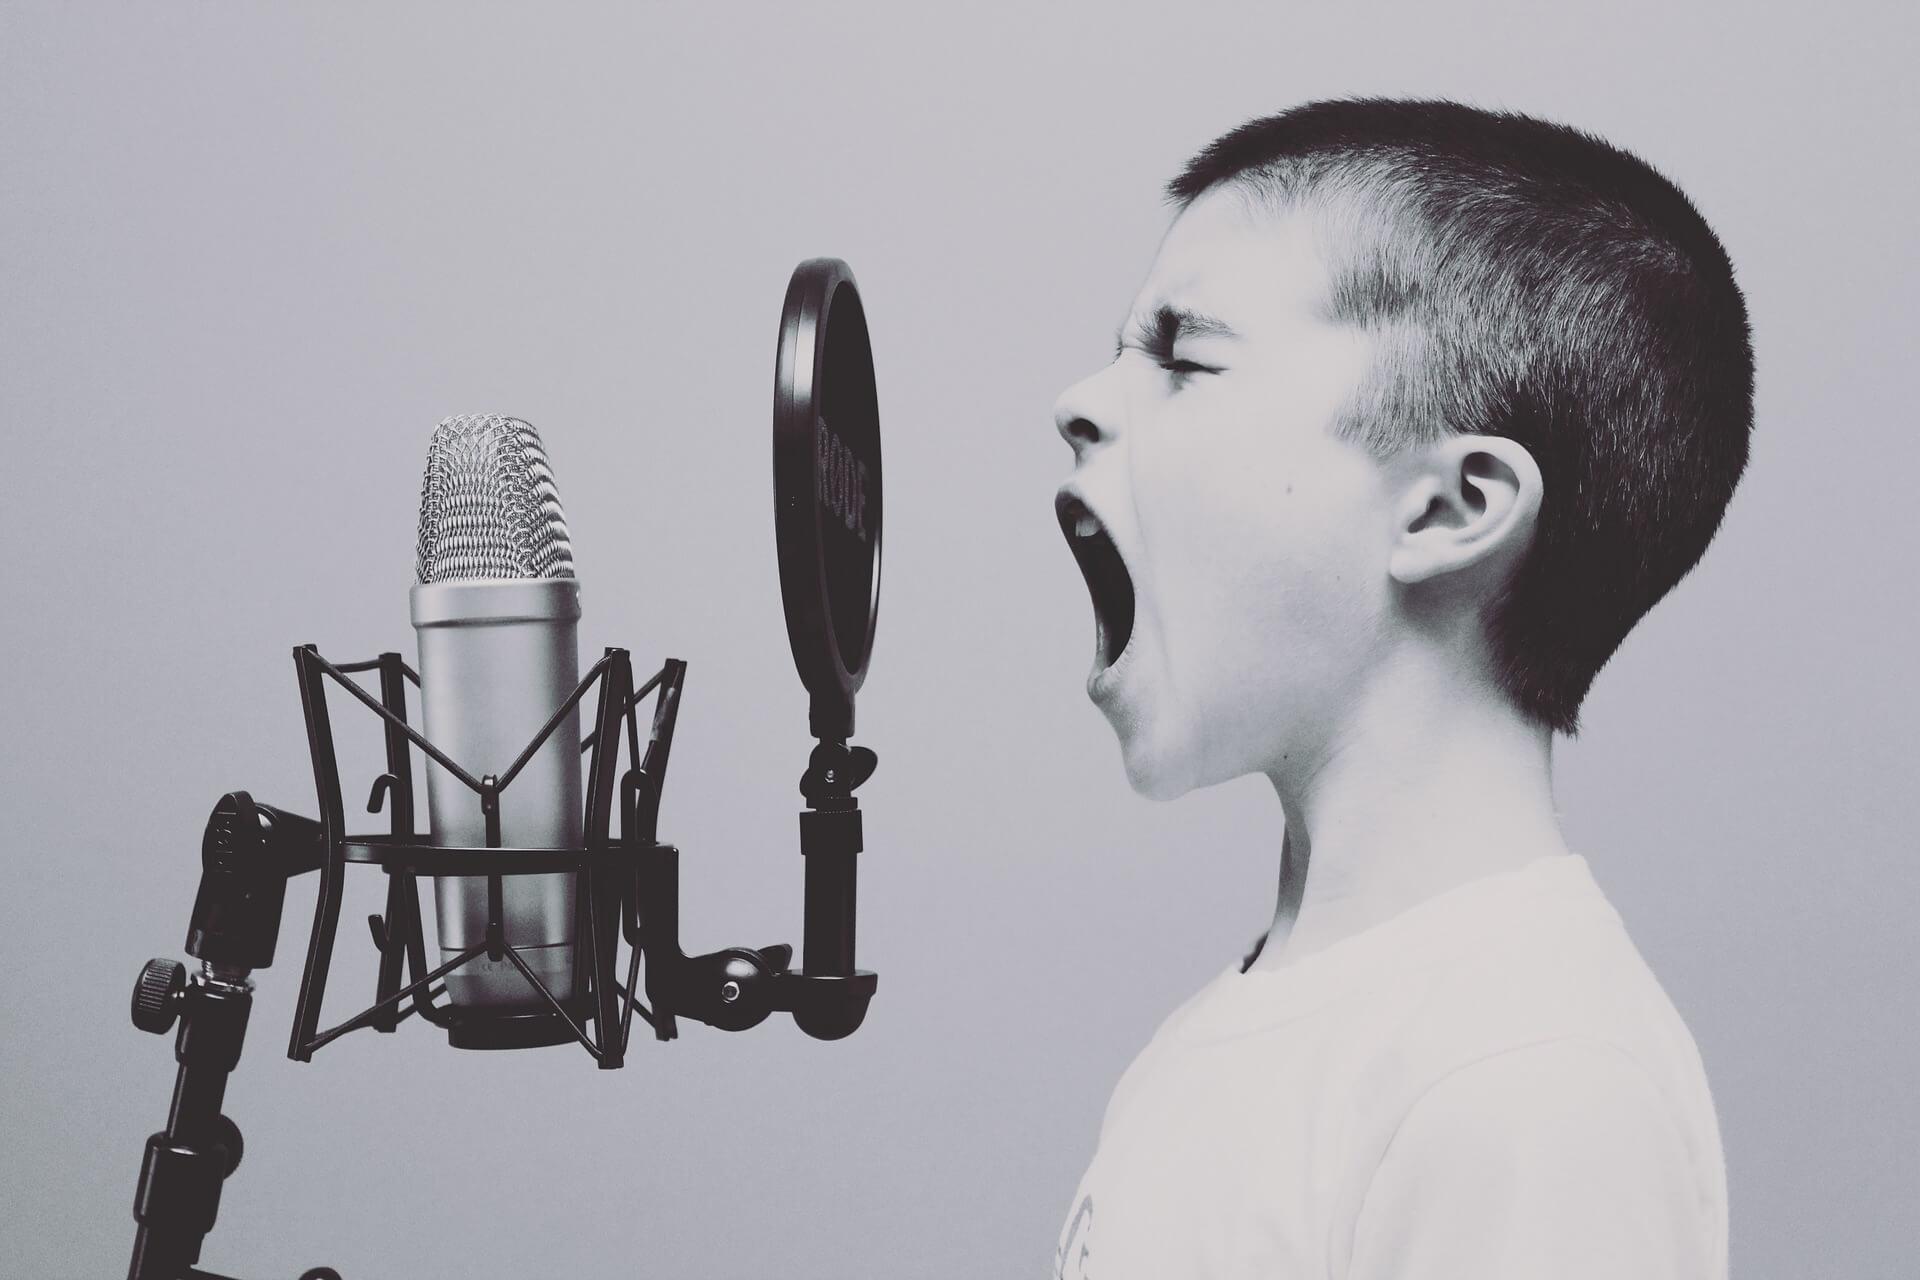 Perfekte Gesangsaufnahmen – 5 Tipps für ein besseres Ergebnis